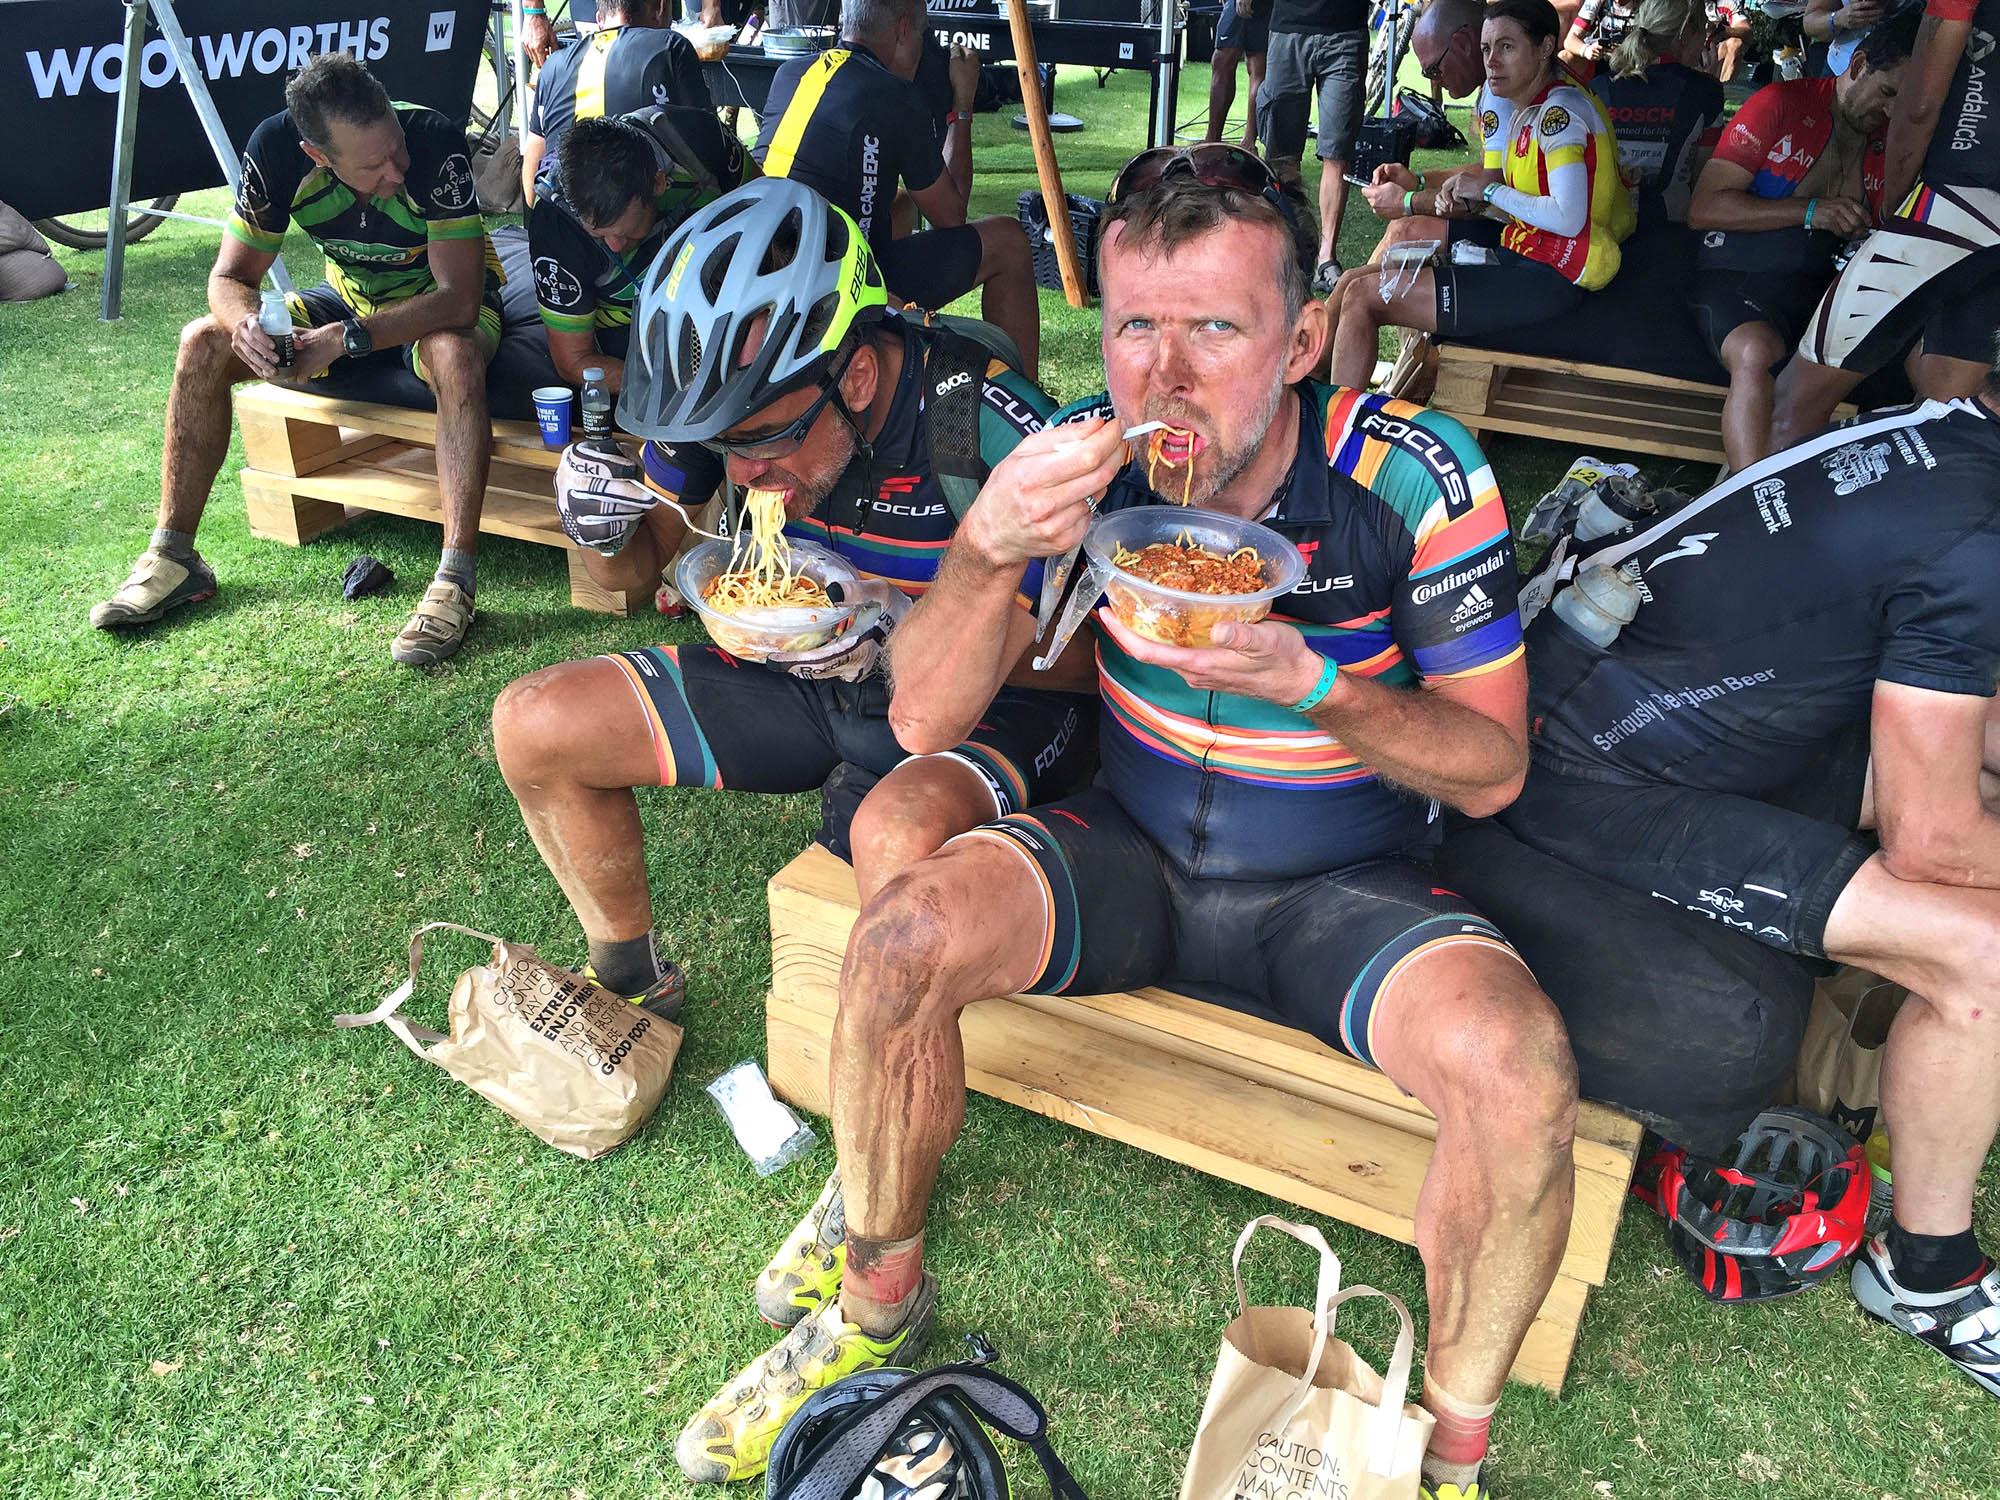 Mike Kluge und ich essen im Zielbereich einer Cape-Epic-Etappe Spaghetti.